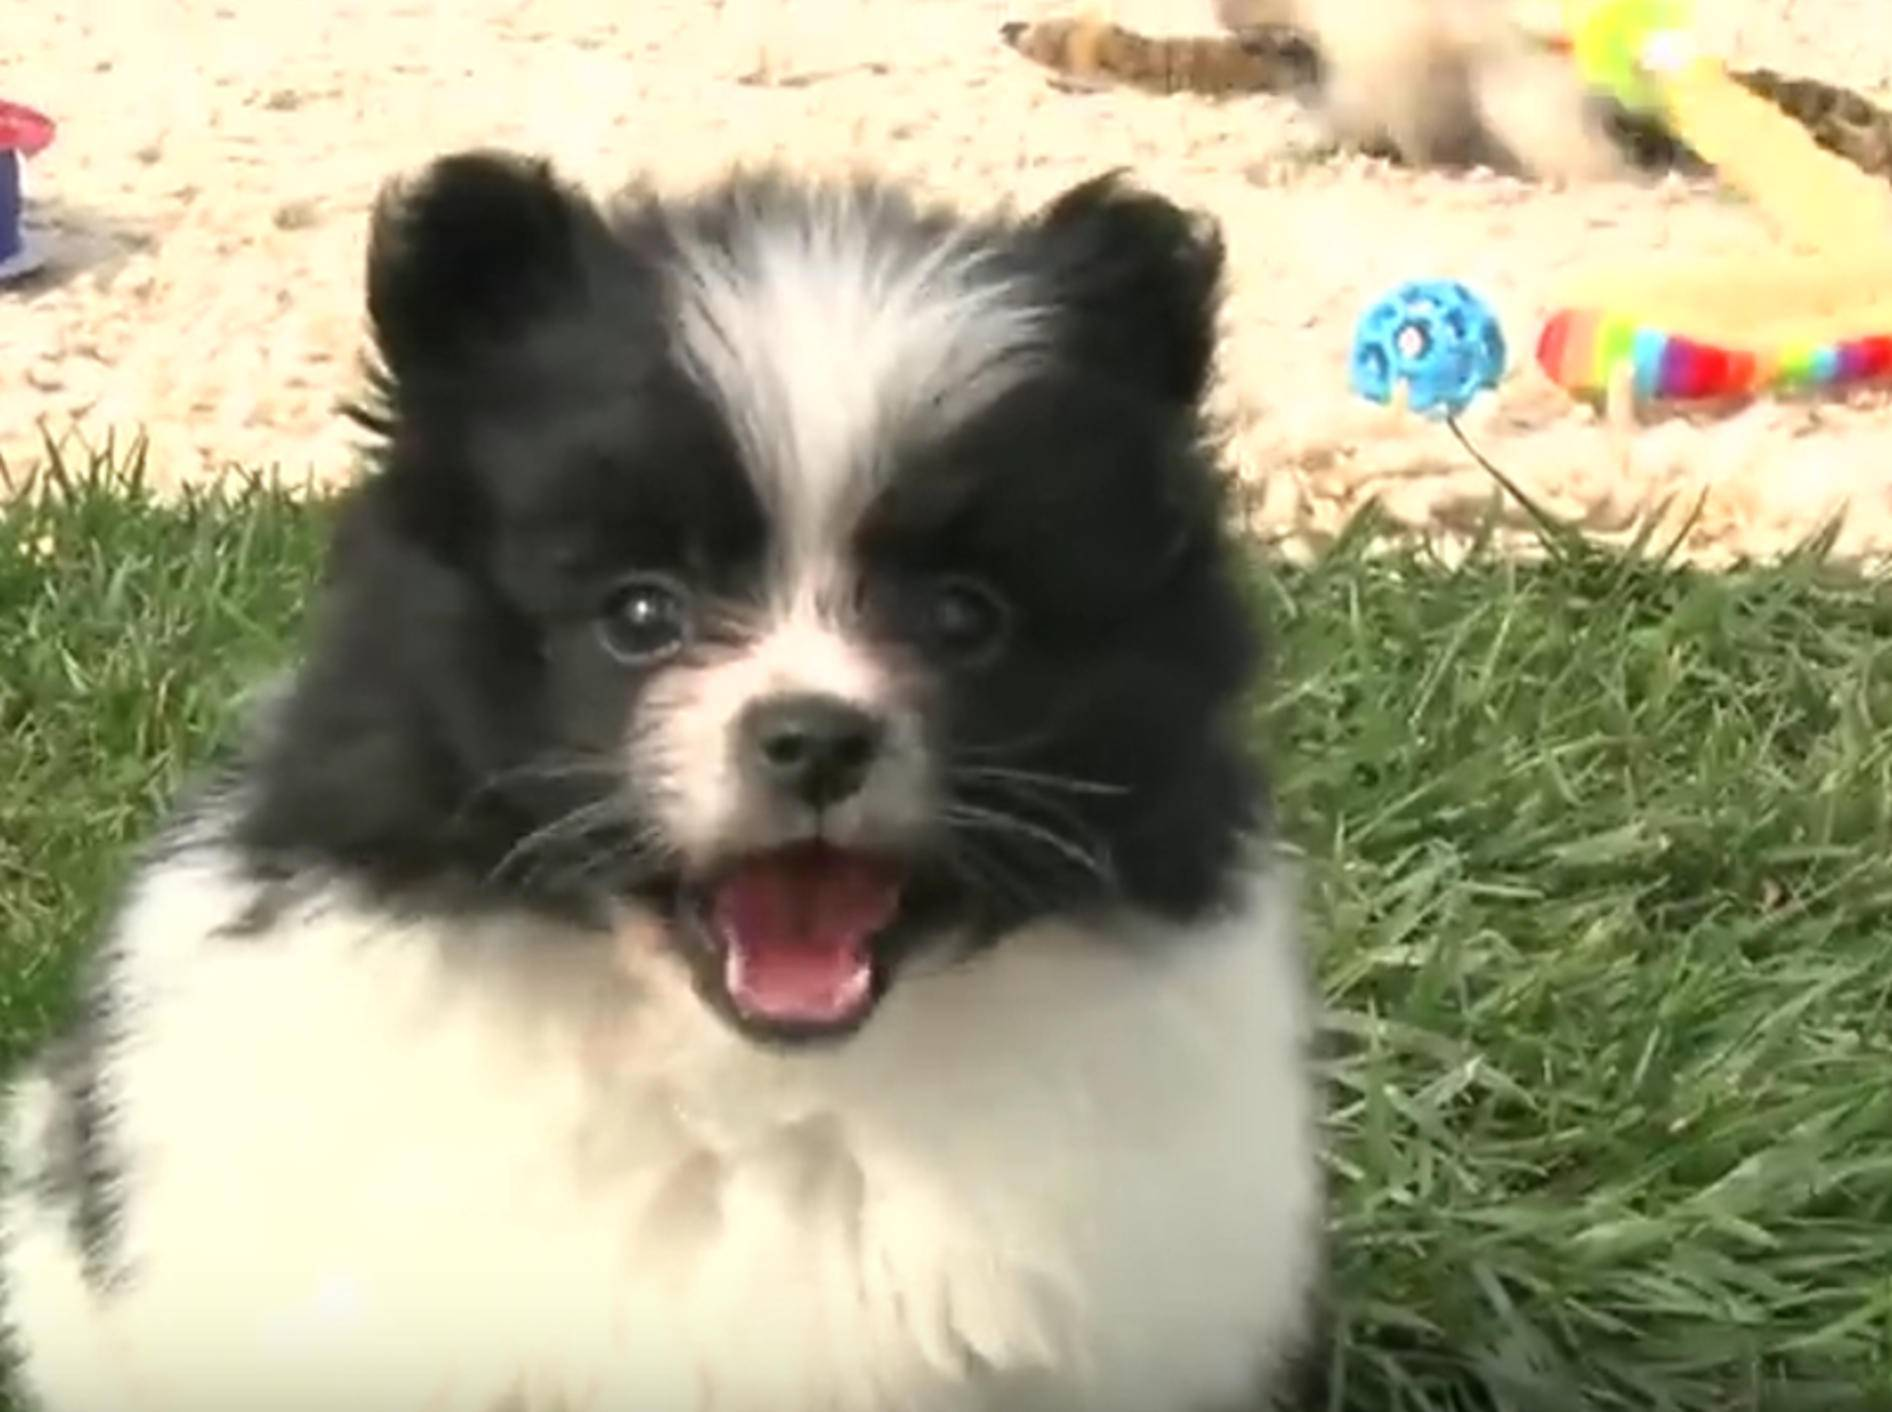 Spaß im Grünen: Spitz-Welpen beim Spielen – Bild: YouTube / The Pet Collective